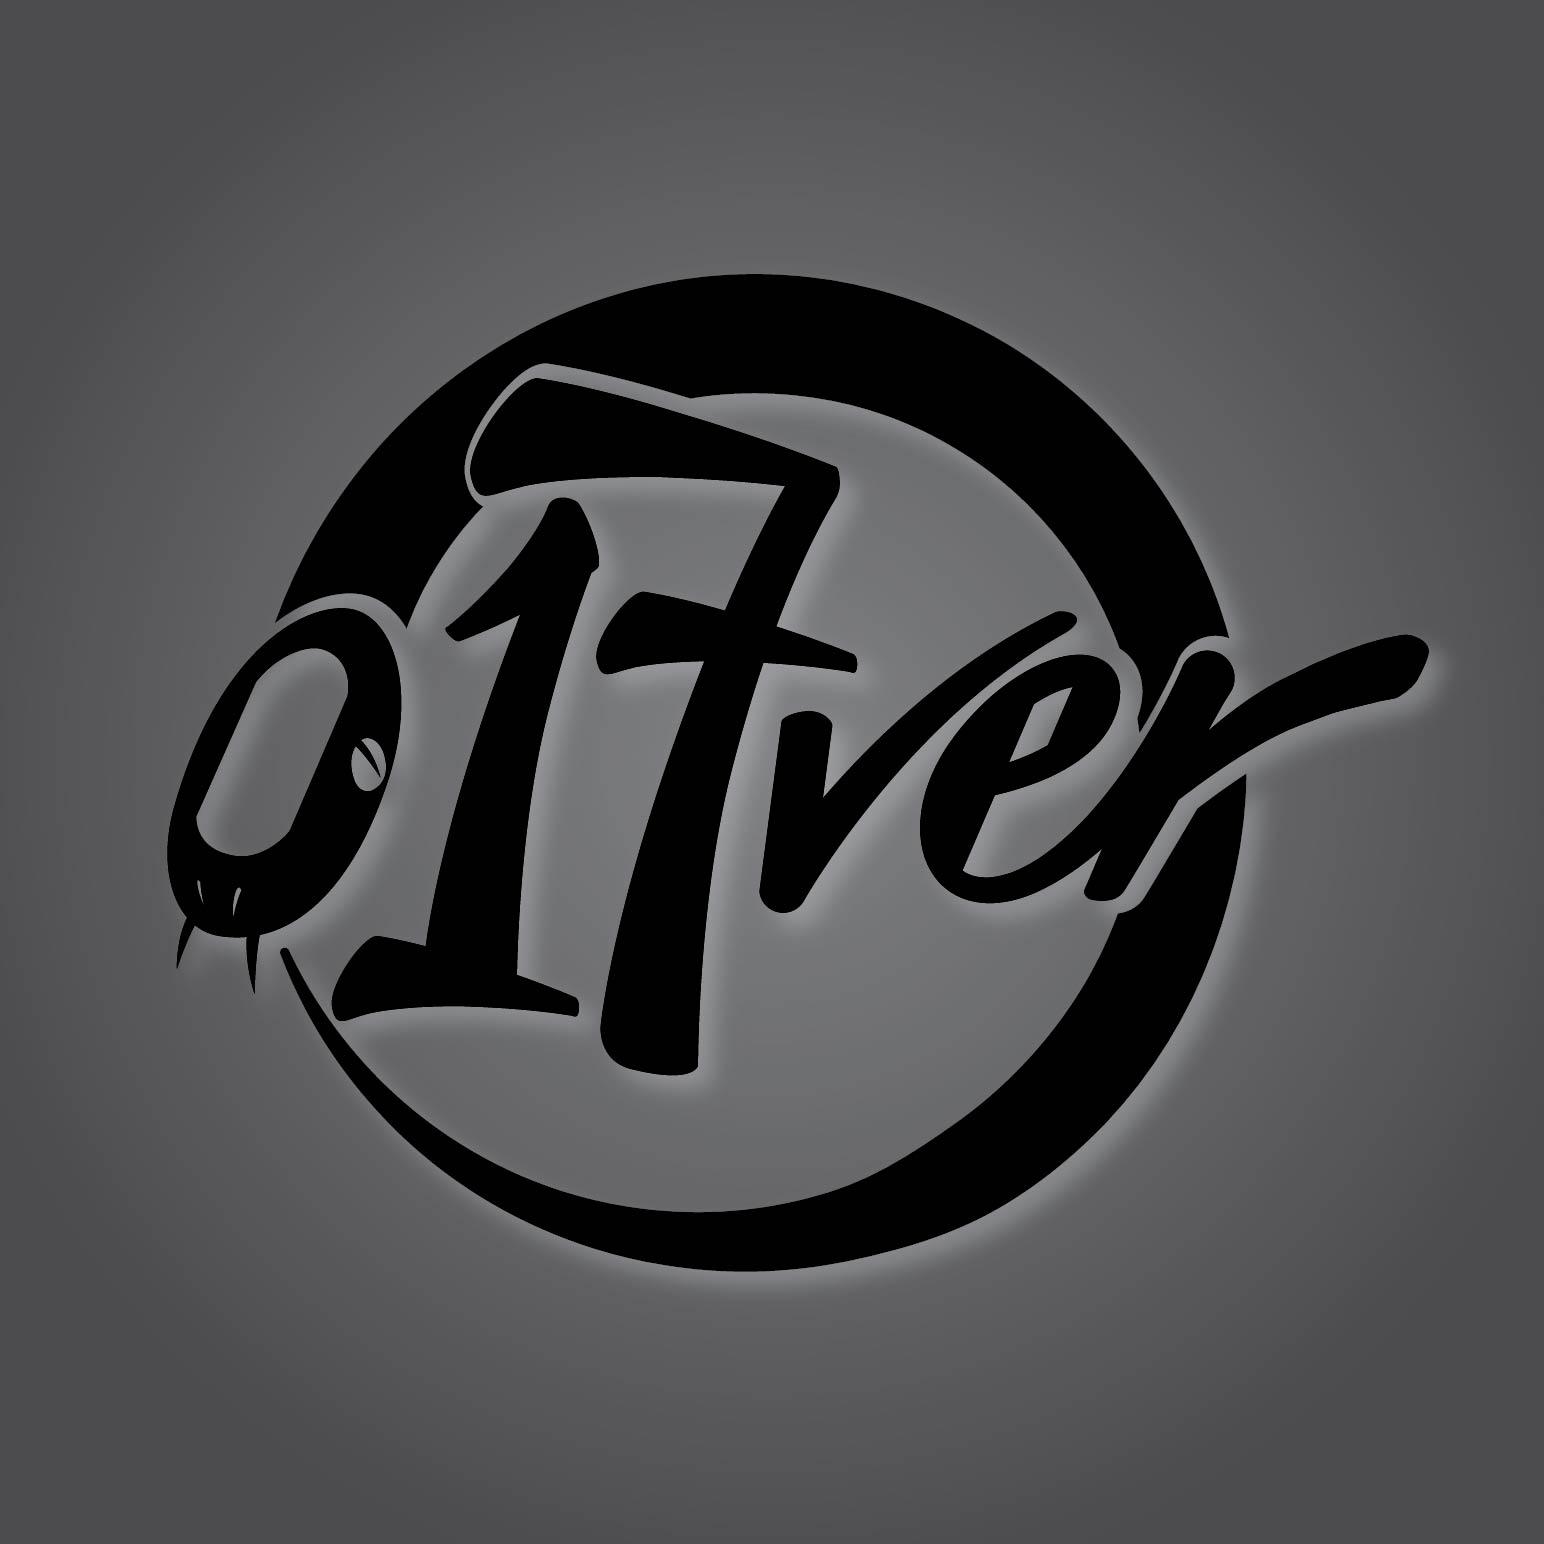 O17ver logo